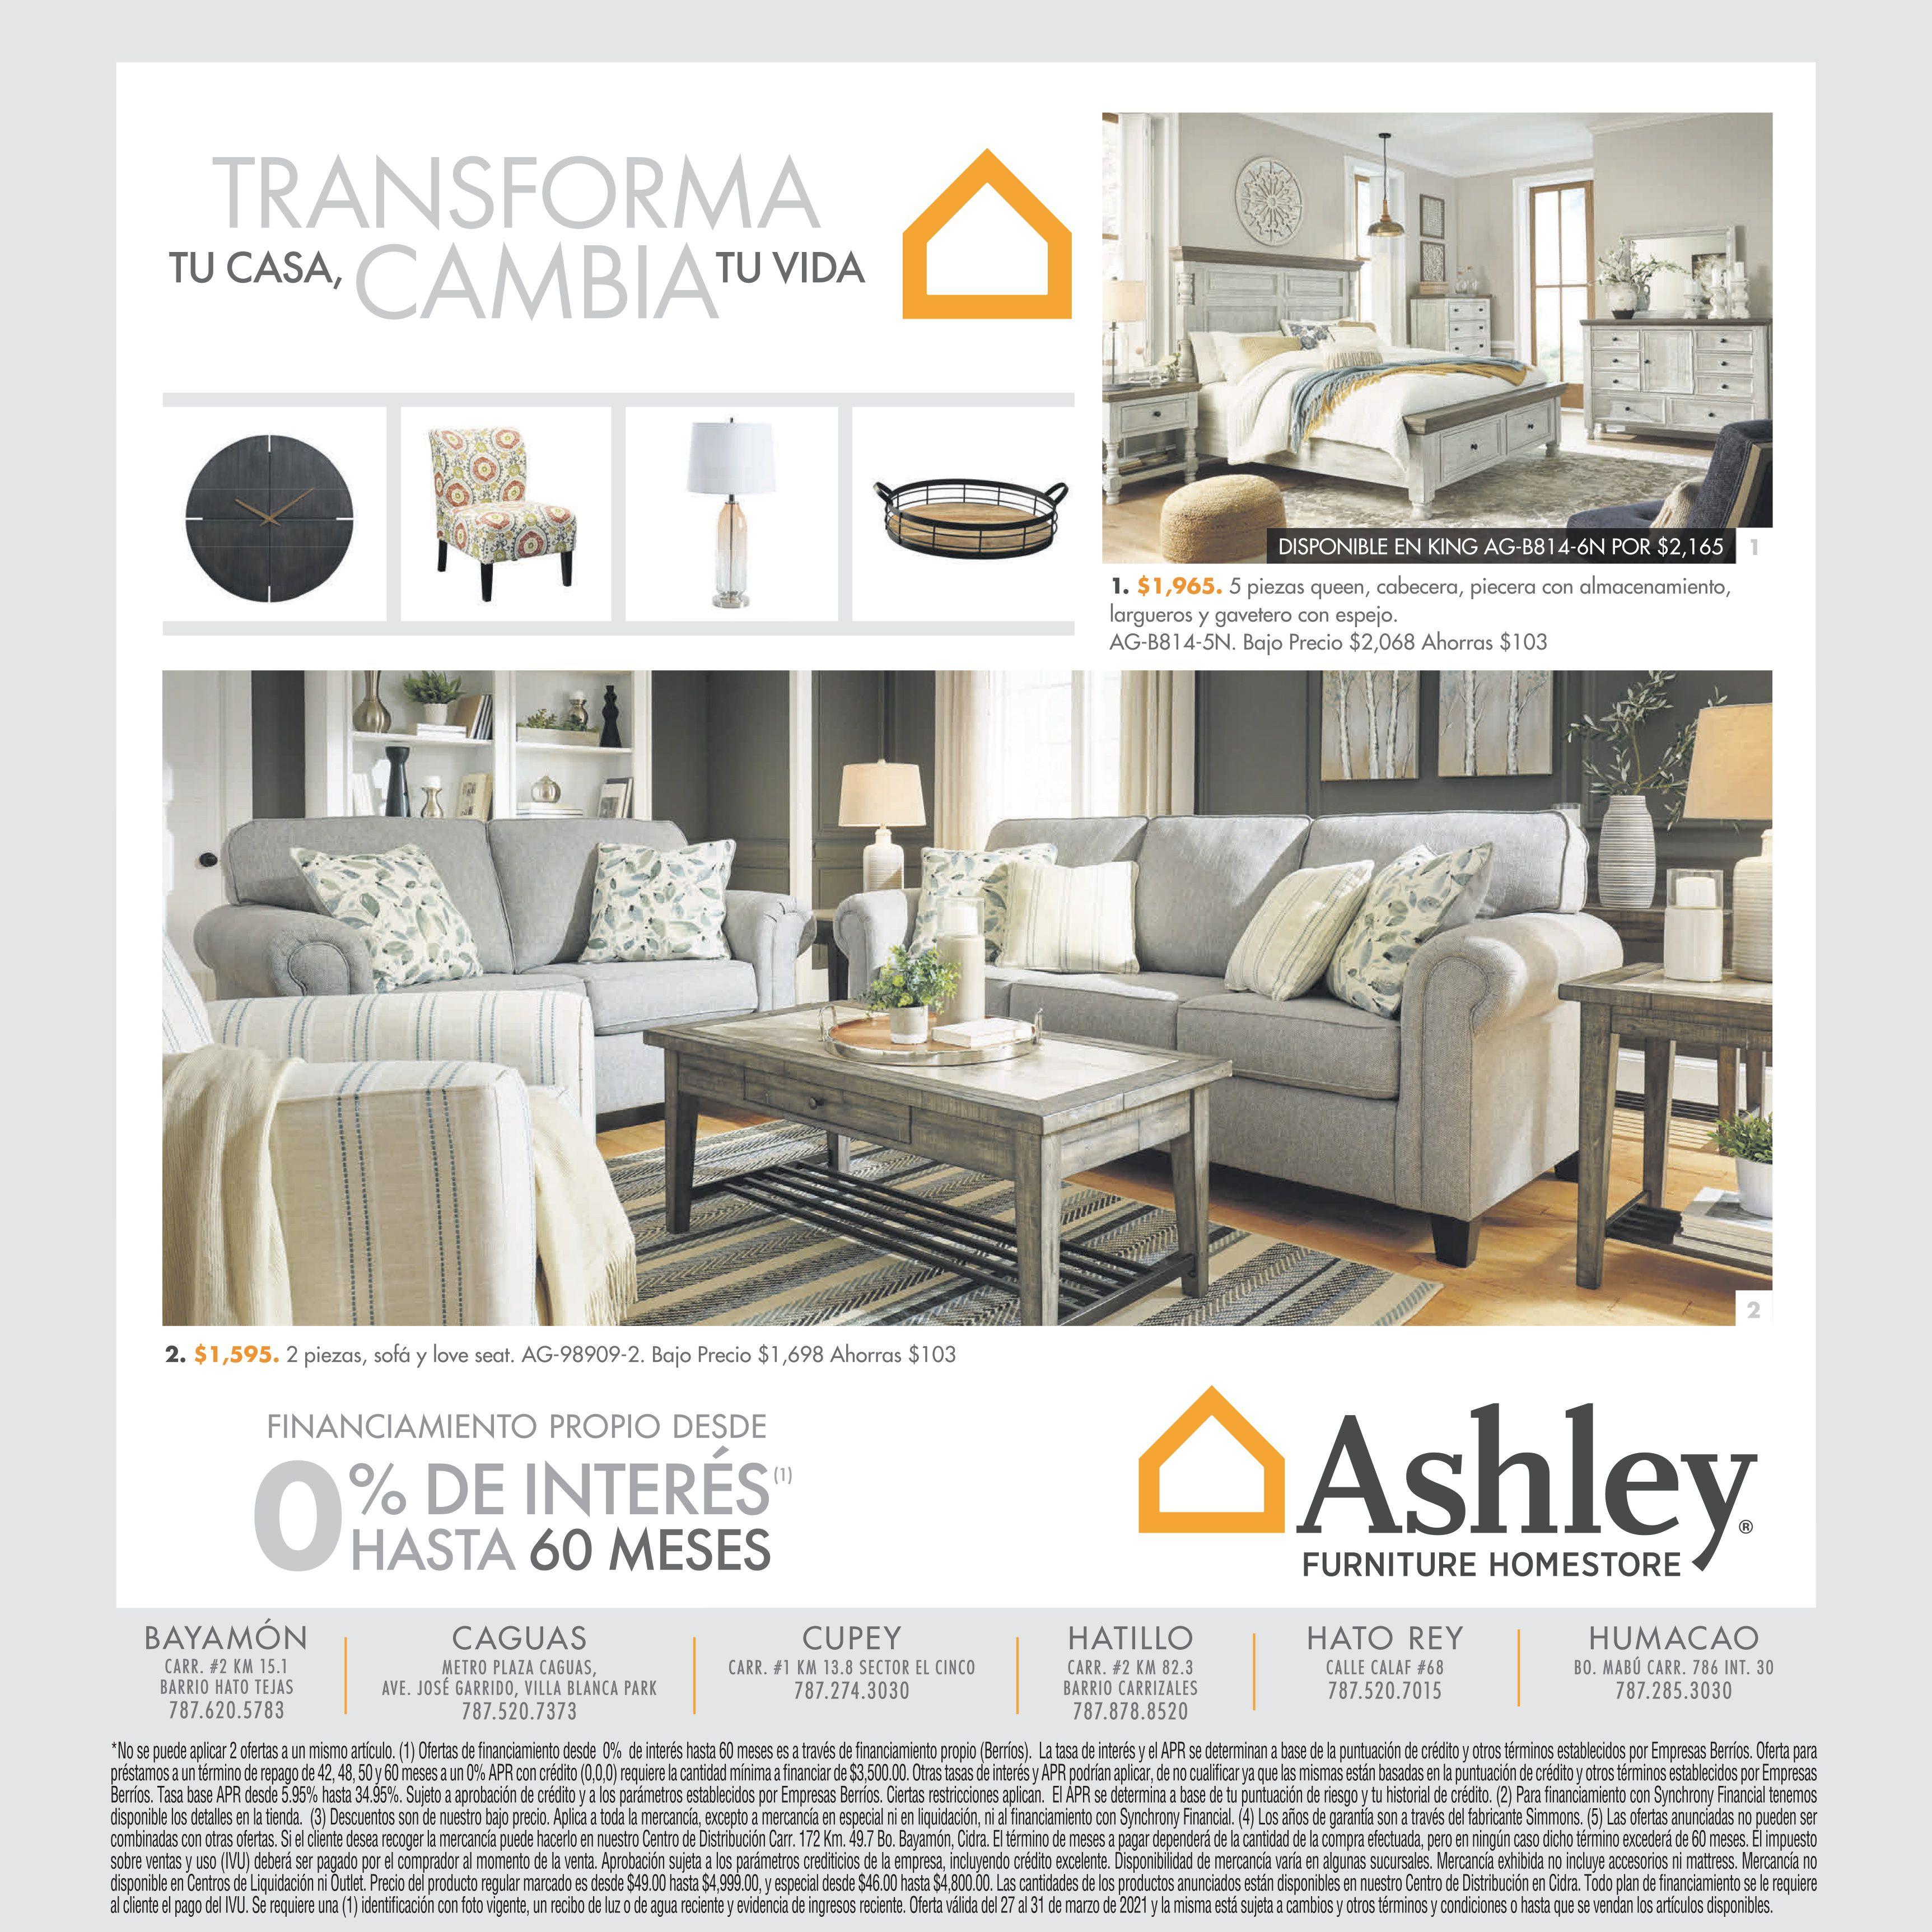 Los Espacios De Tu Hogar Influyen En Tus Emociones Y Pensamientos Es Tiempo De Transformarlos In 2021 Ashley Furniture Homestore Furniture Homestore Furniture